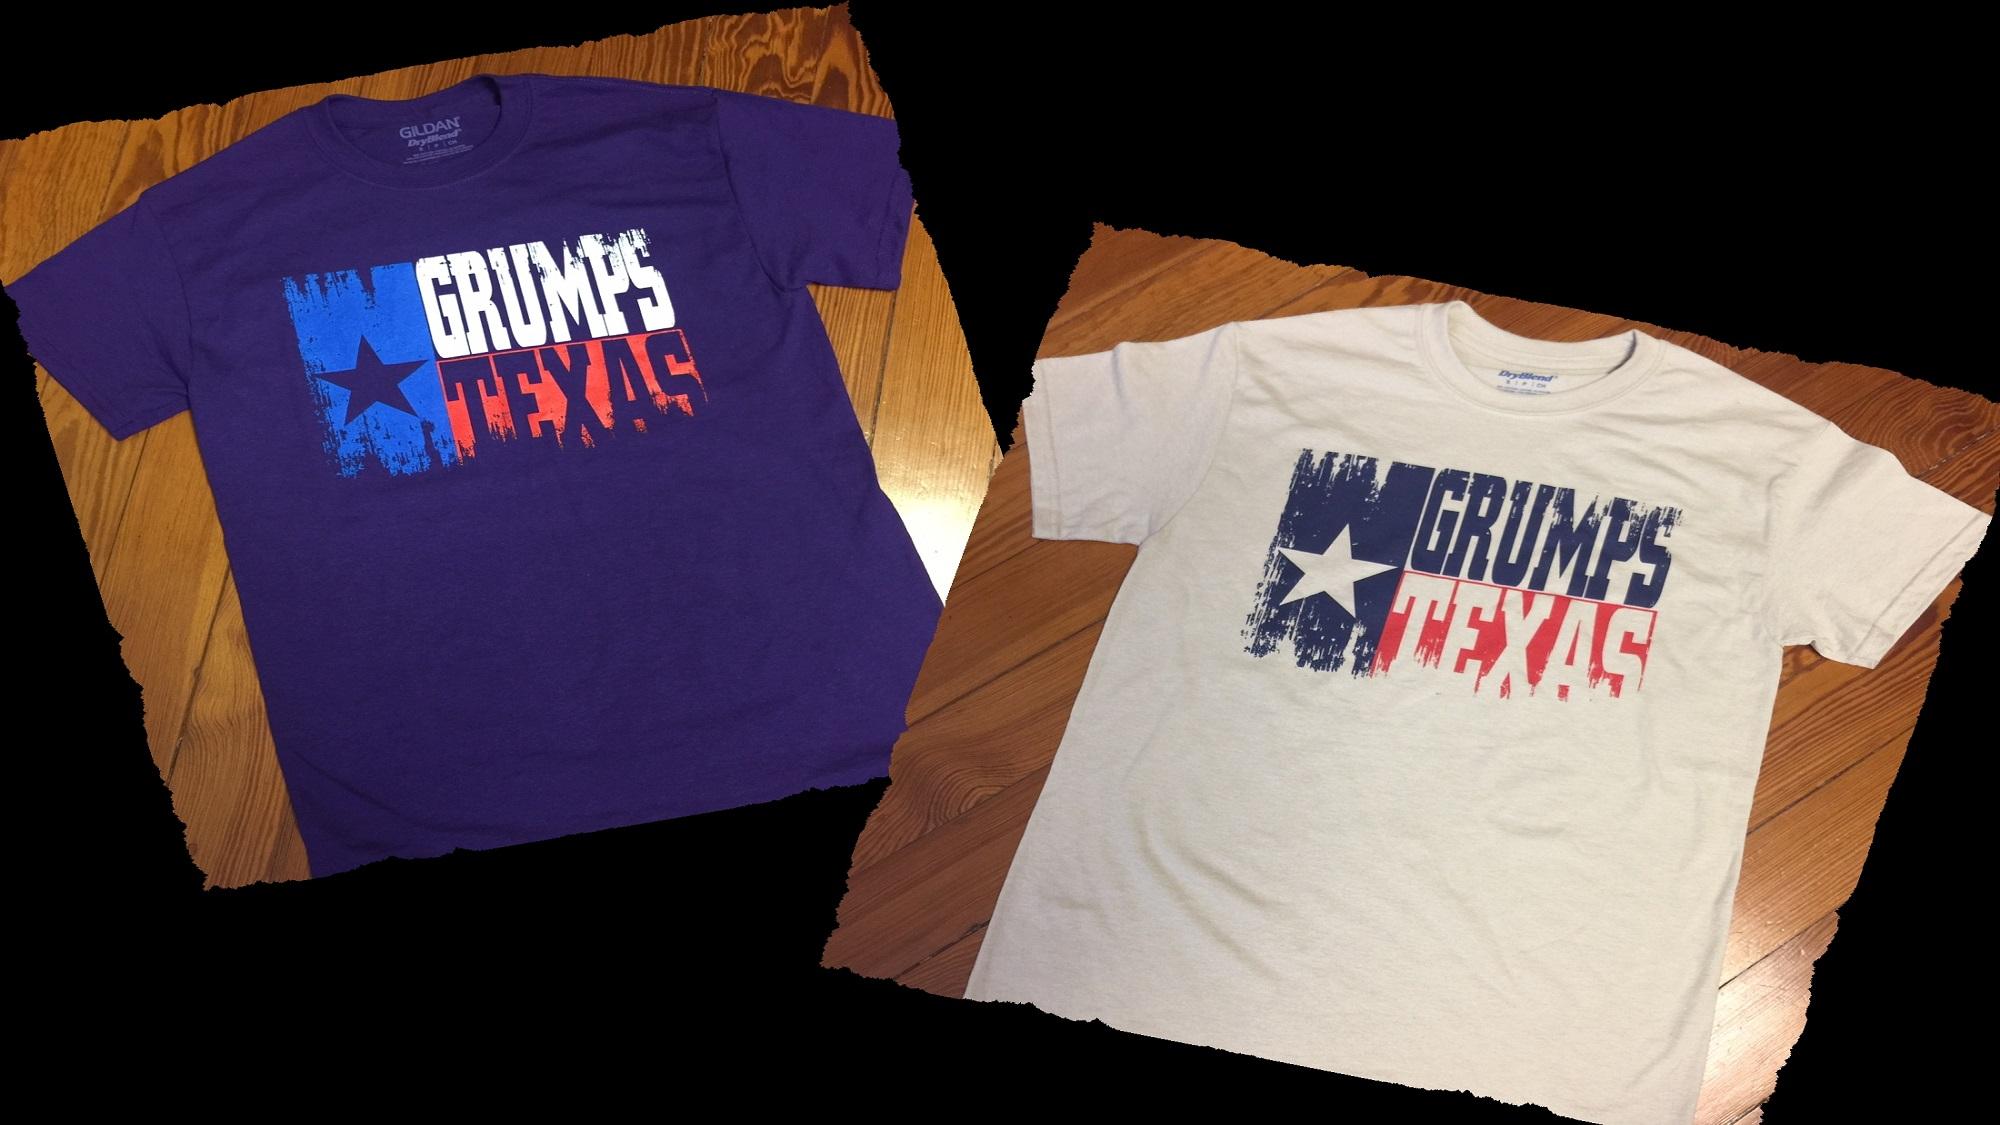 Grumps shirts dec2018-001